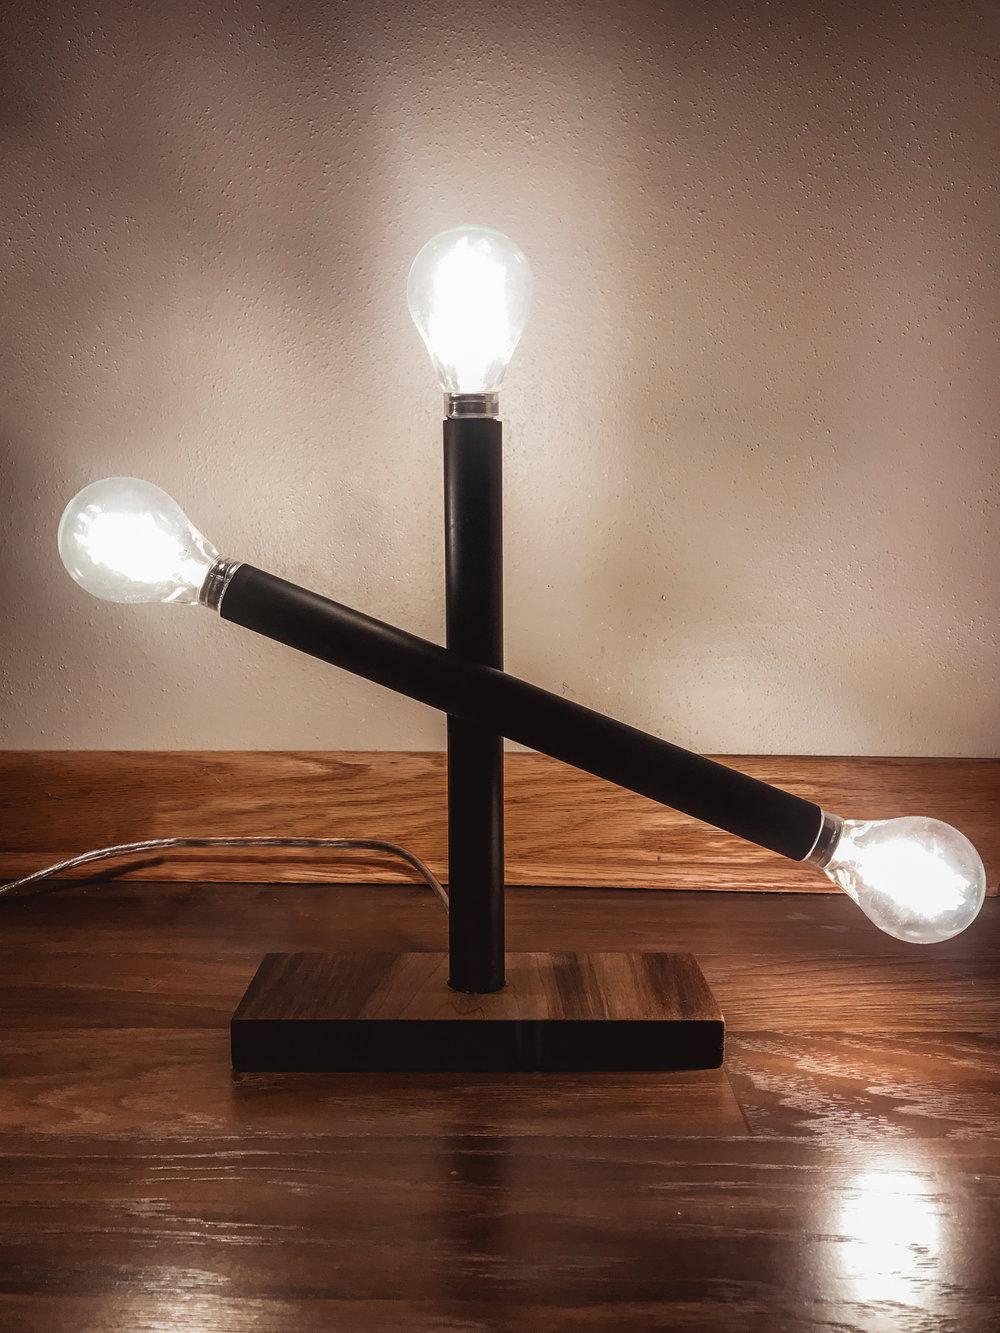 diy-desk-lamp-29.jpg